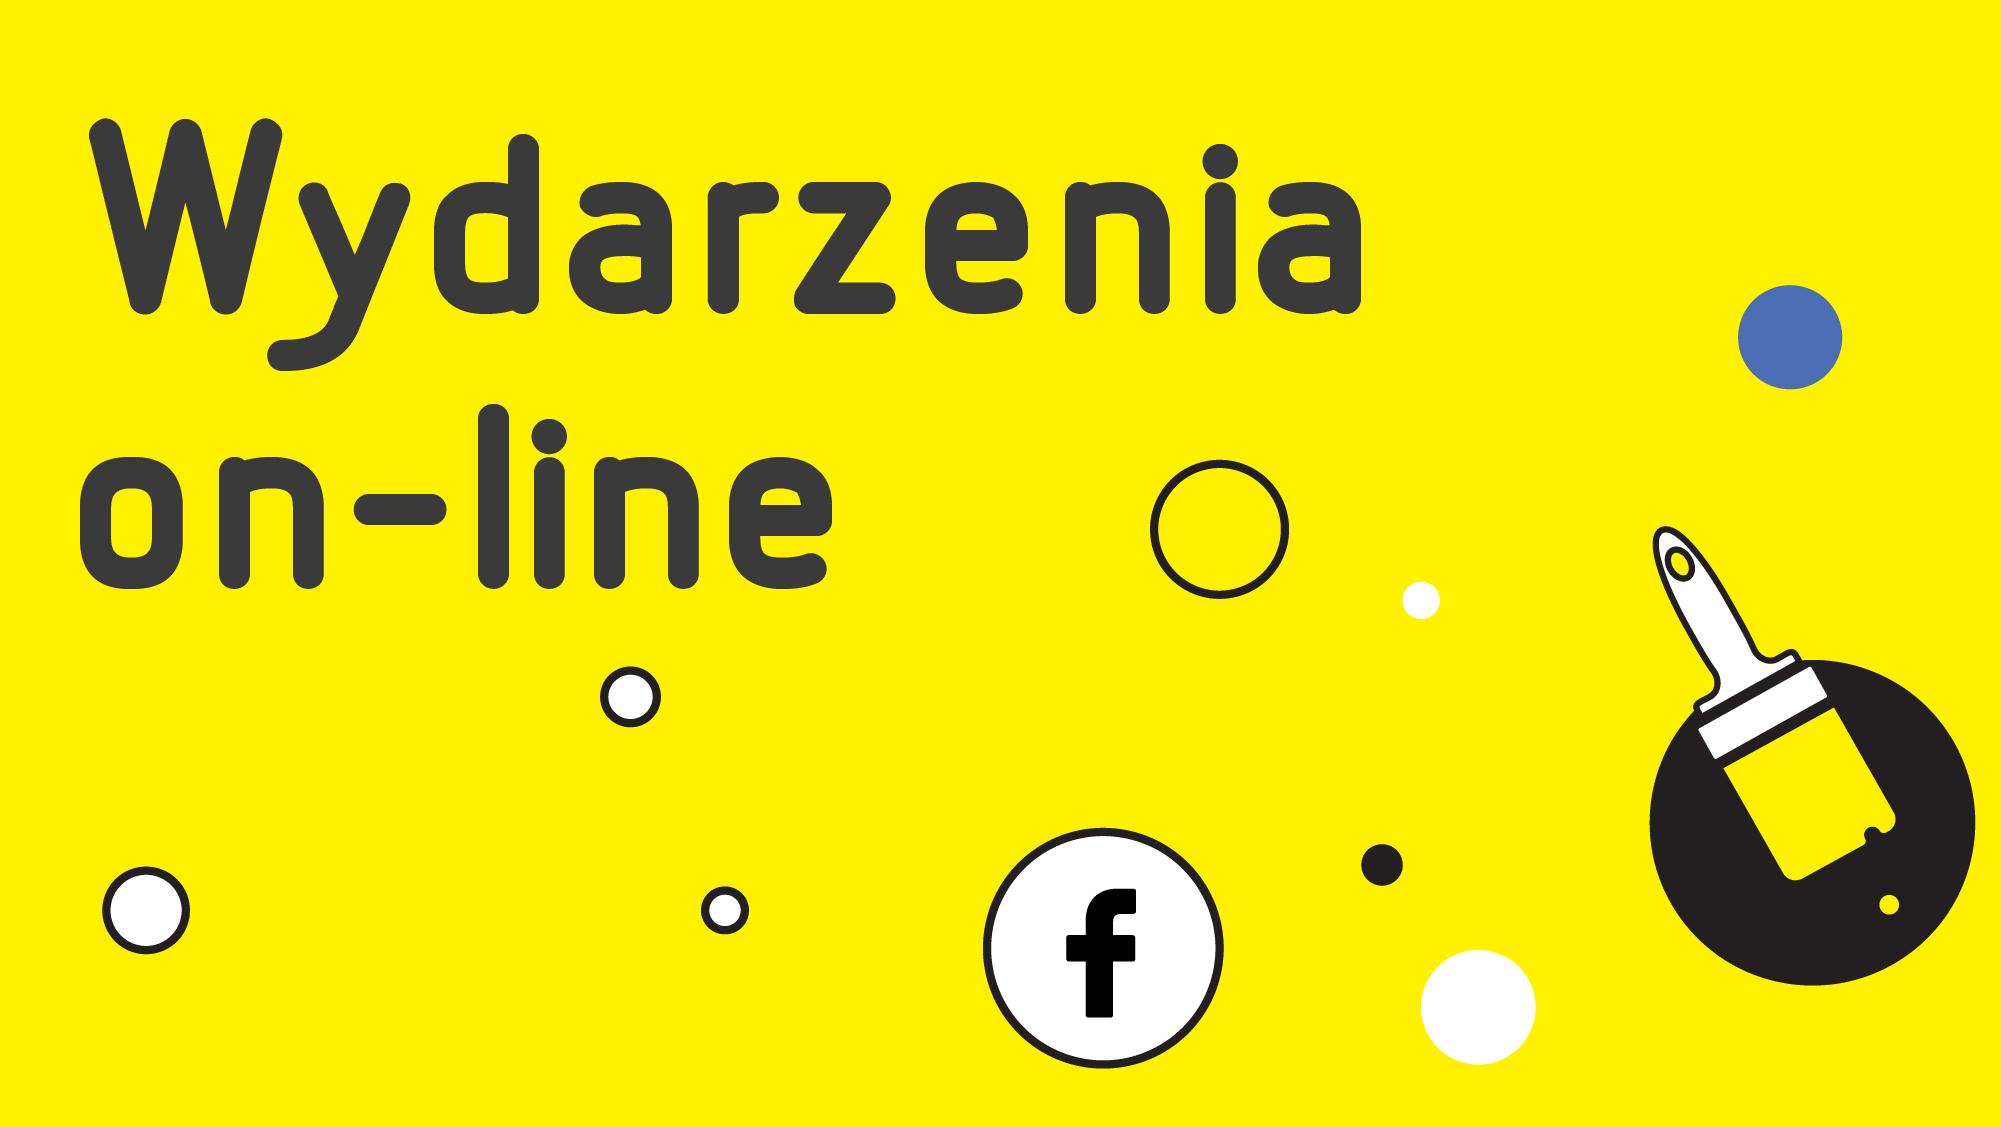 Wydarzenia on-line